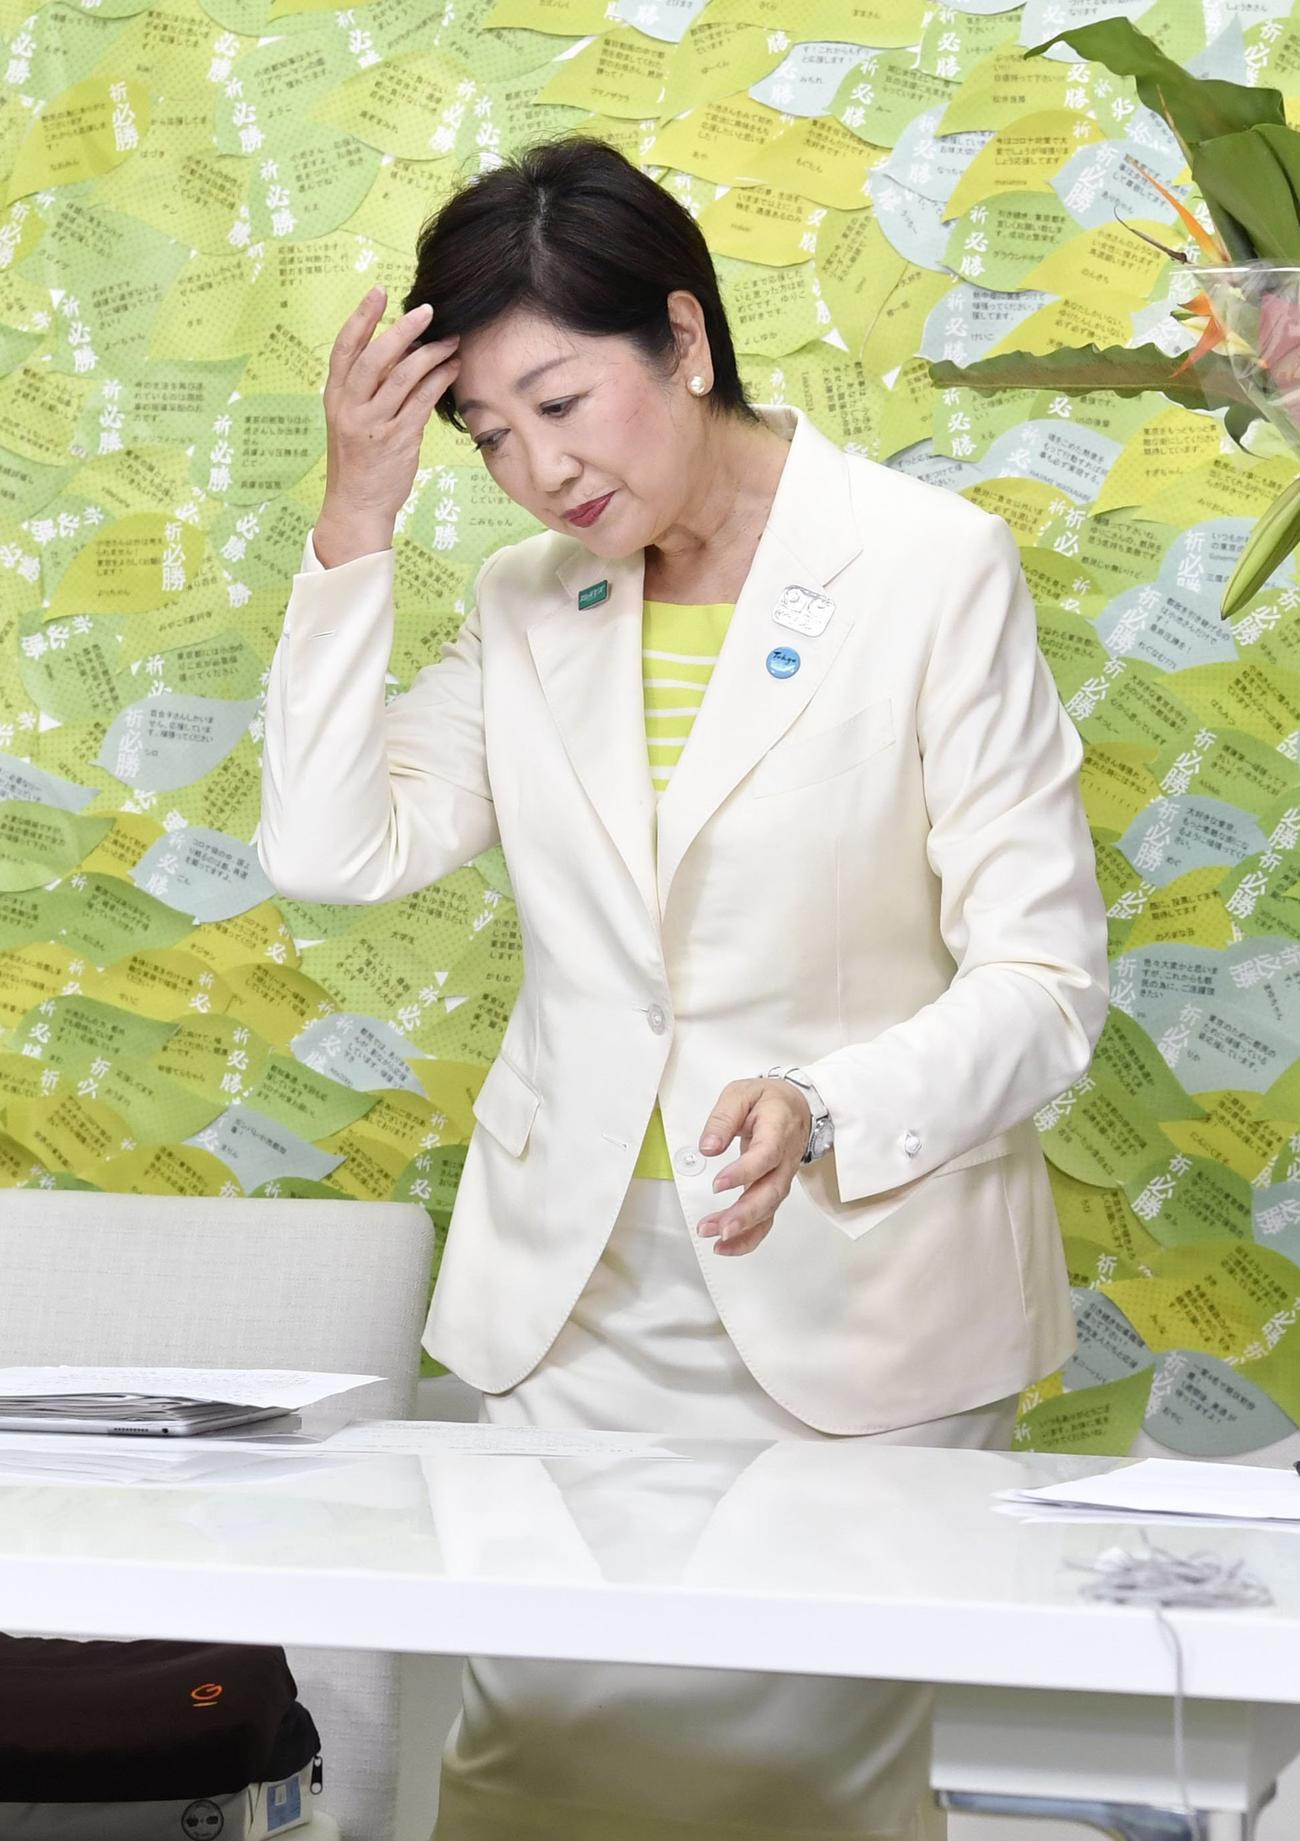 東京都知事選で再選を果たした小池百合子氏(共同)